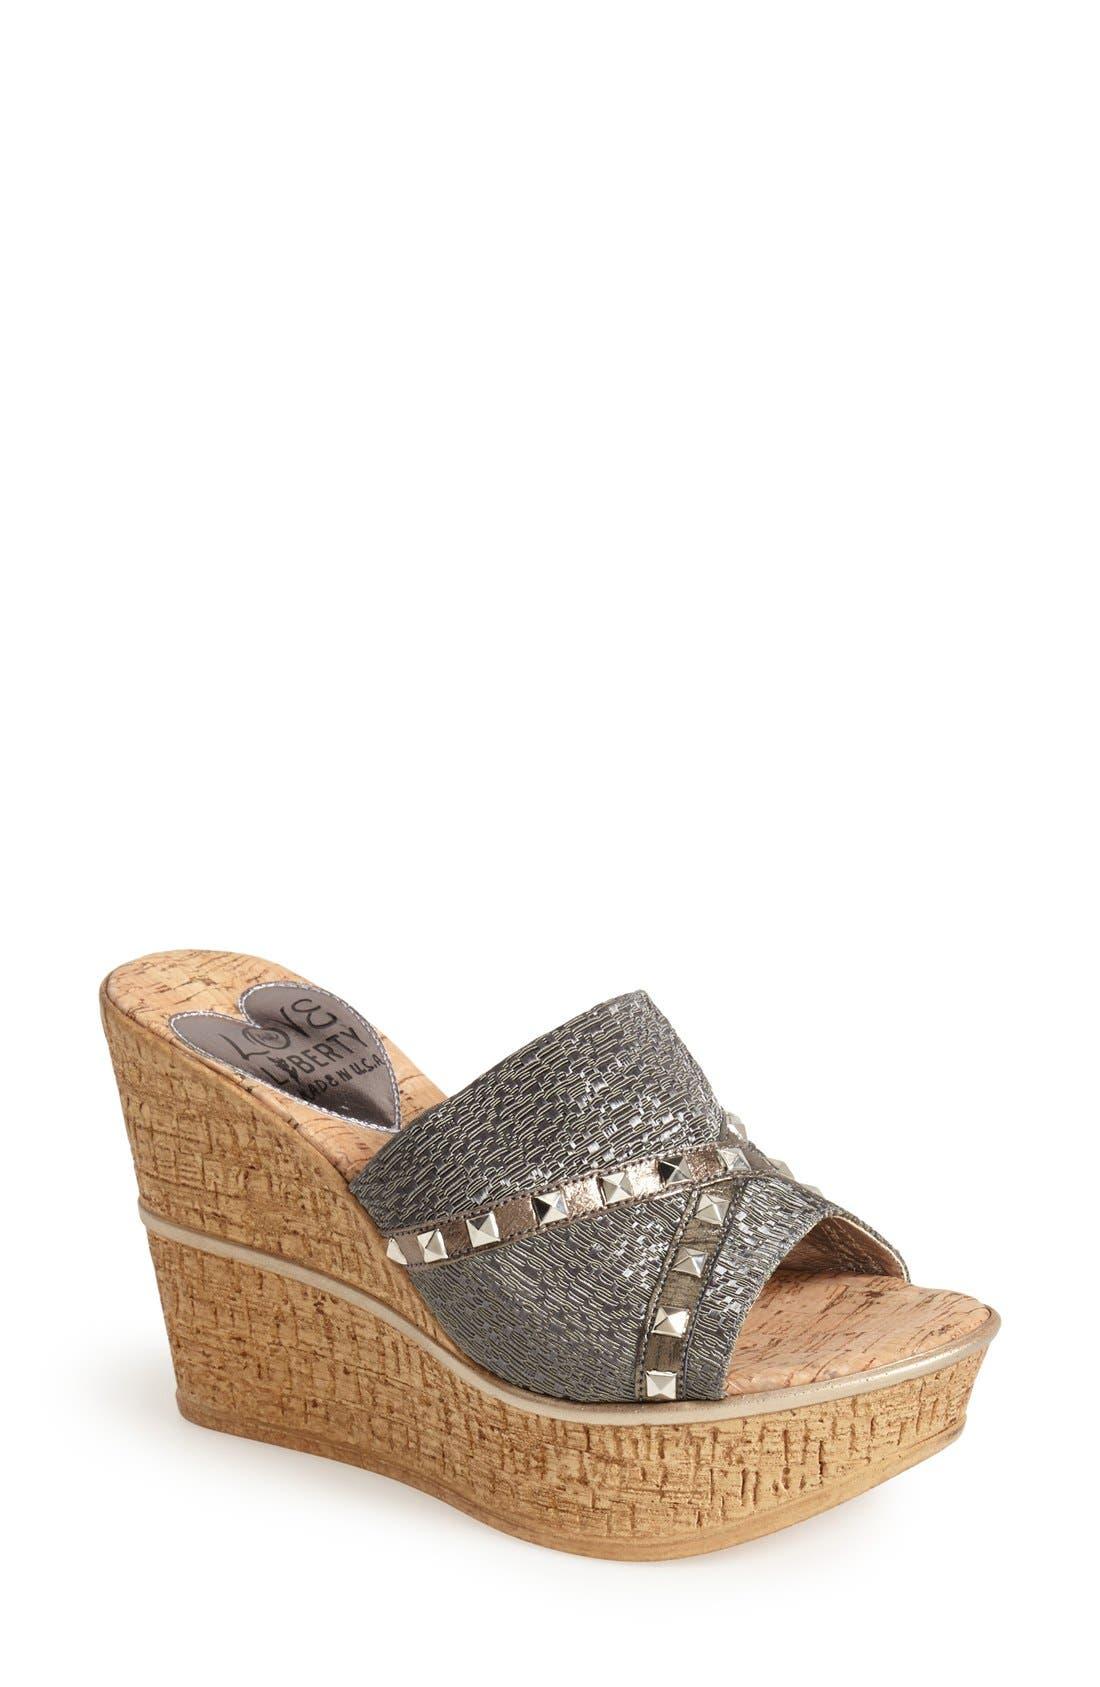 'Margo' Wedge Slide Sandal,                             Main thumbnail 1, color,                             040